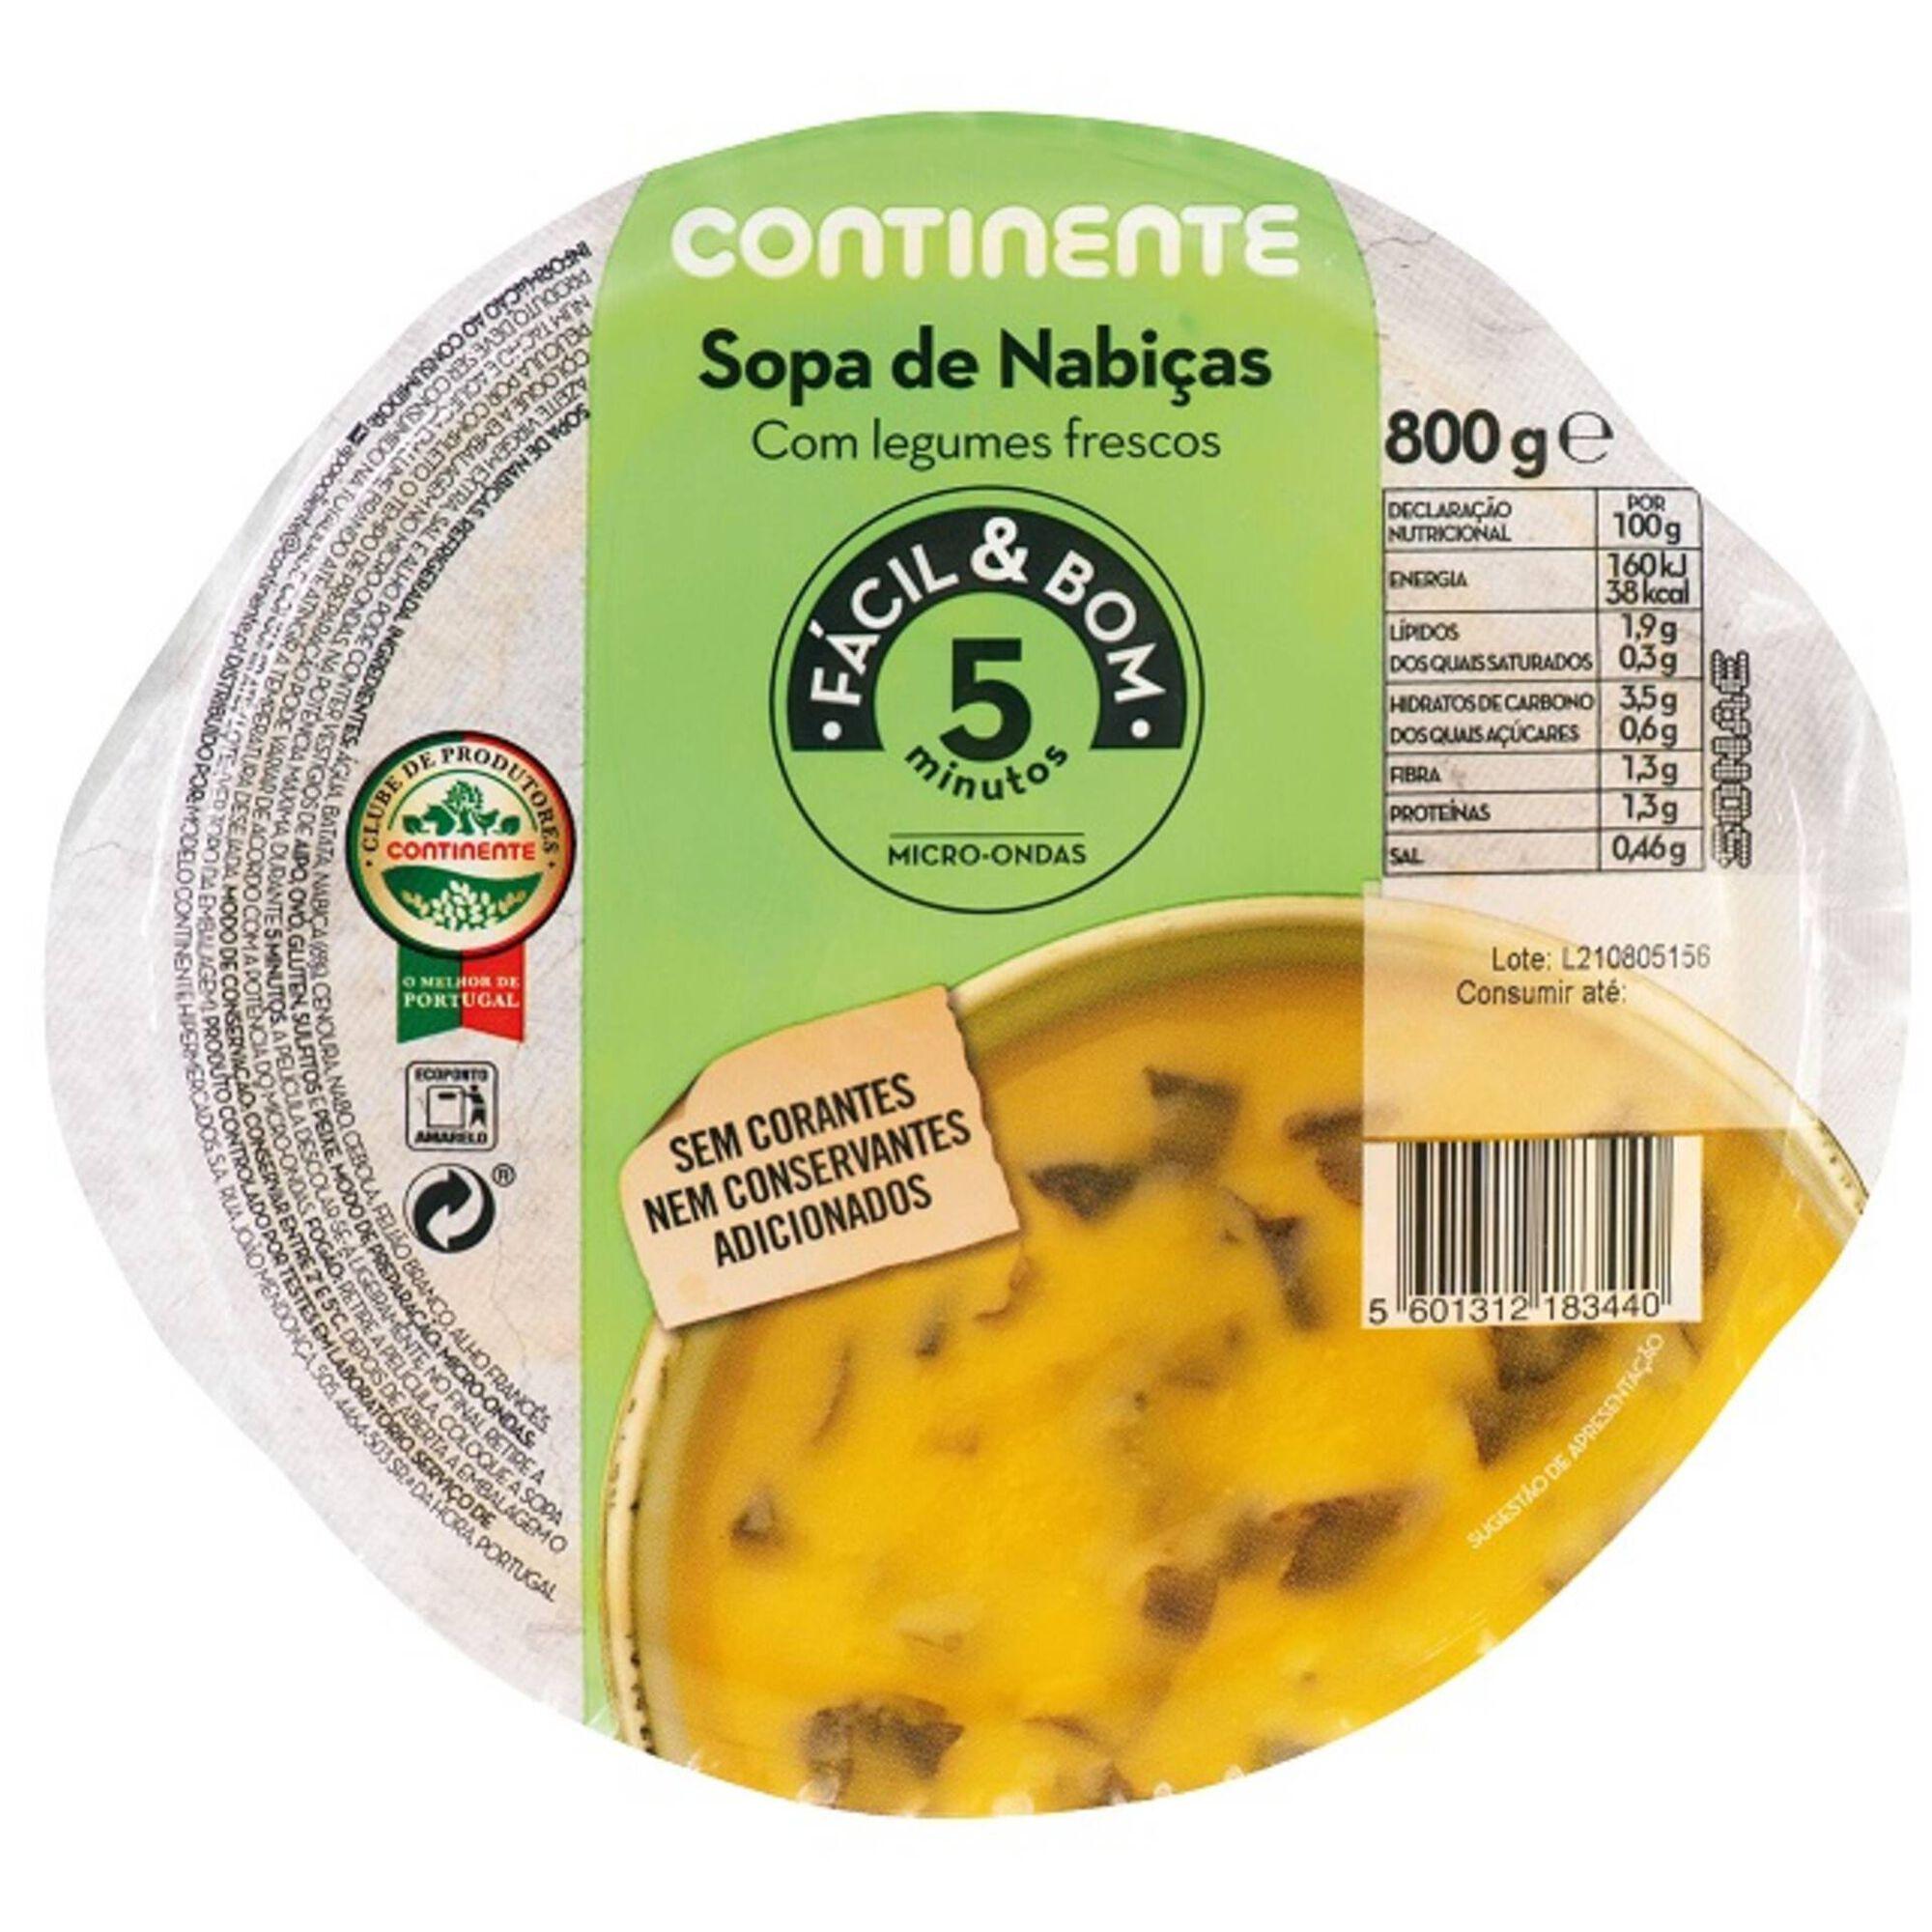 Sopa de Nabiças